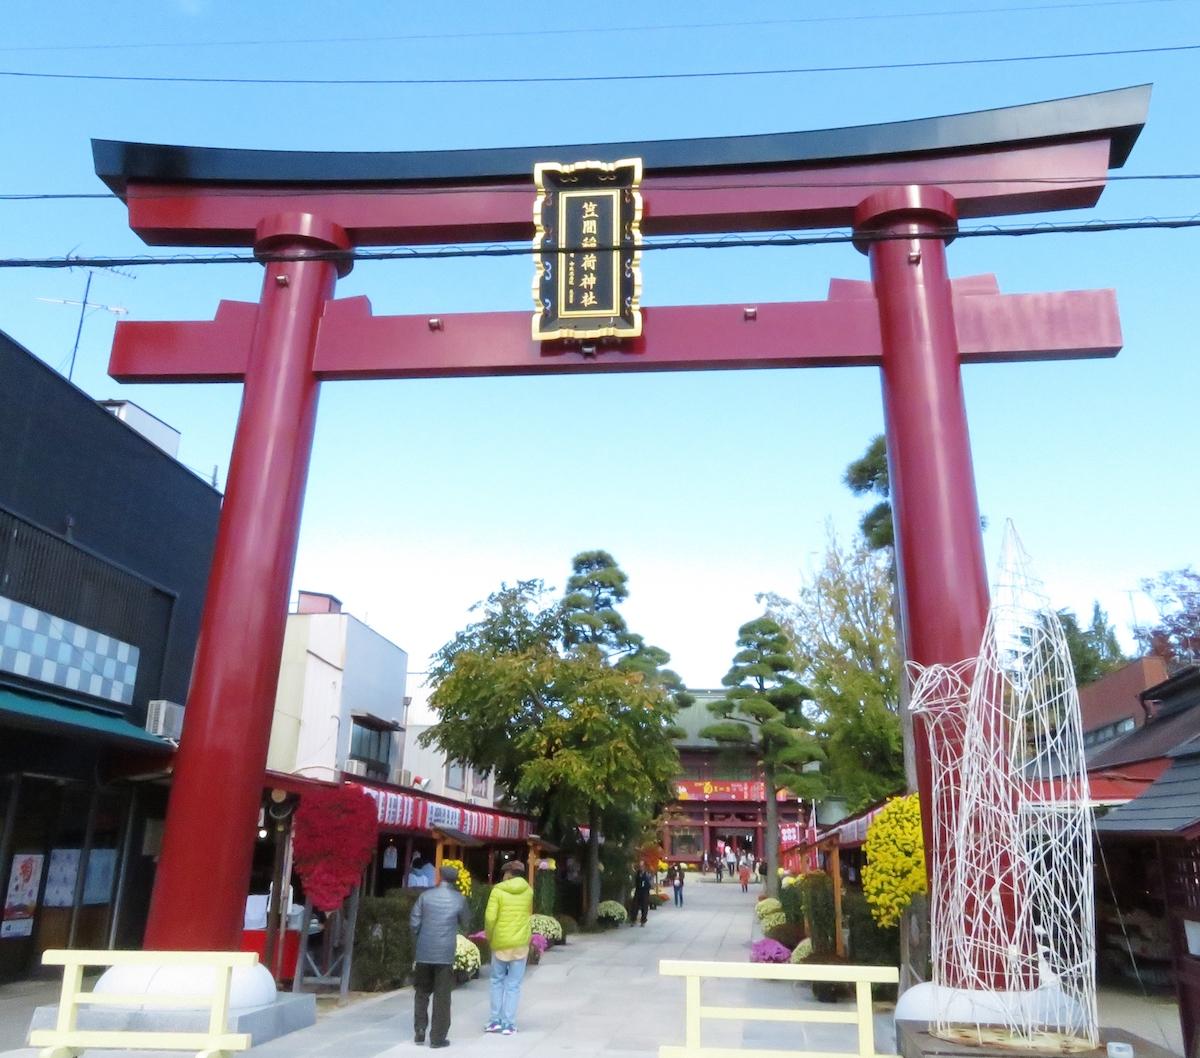 日本三大稲荷のひとつに数えられる笠間稲荷神社